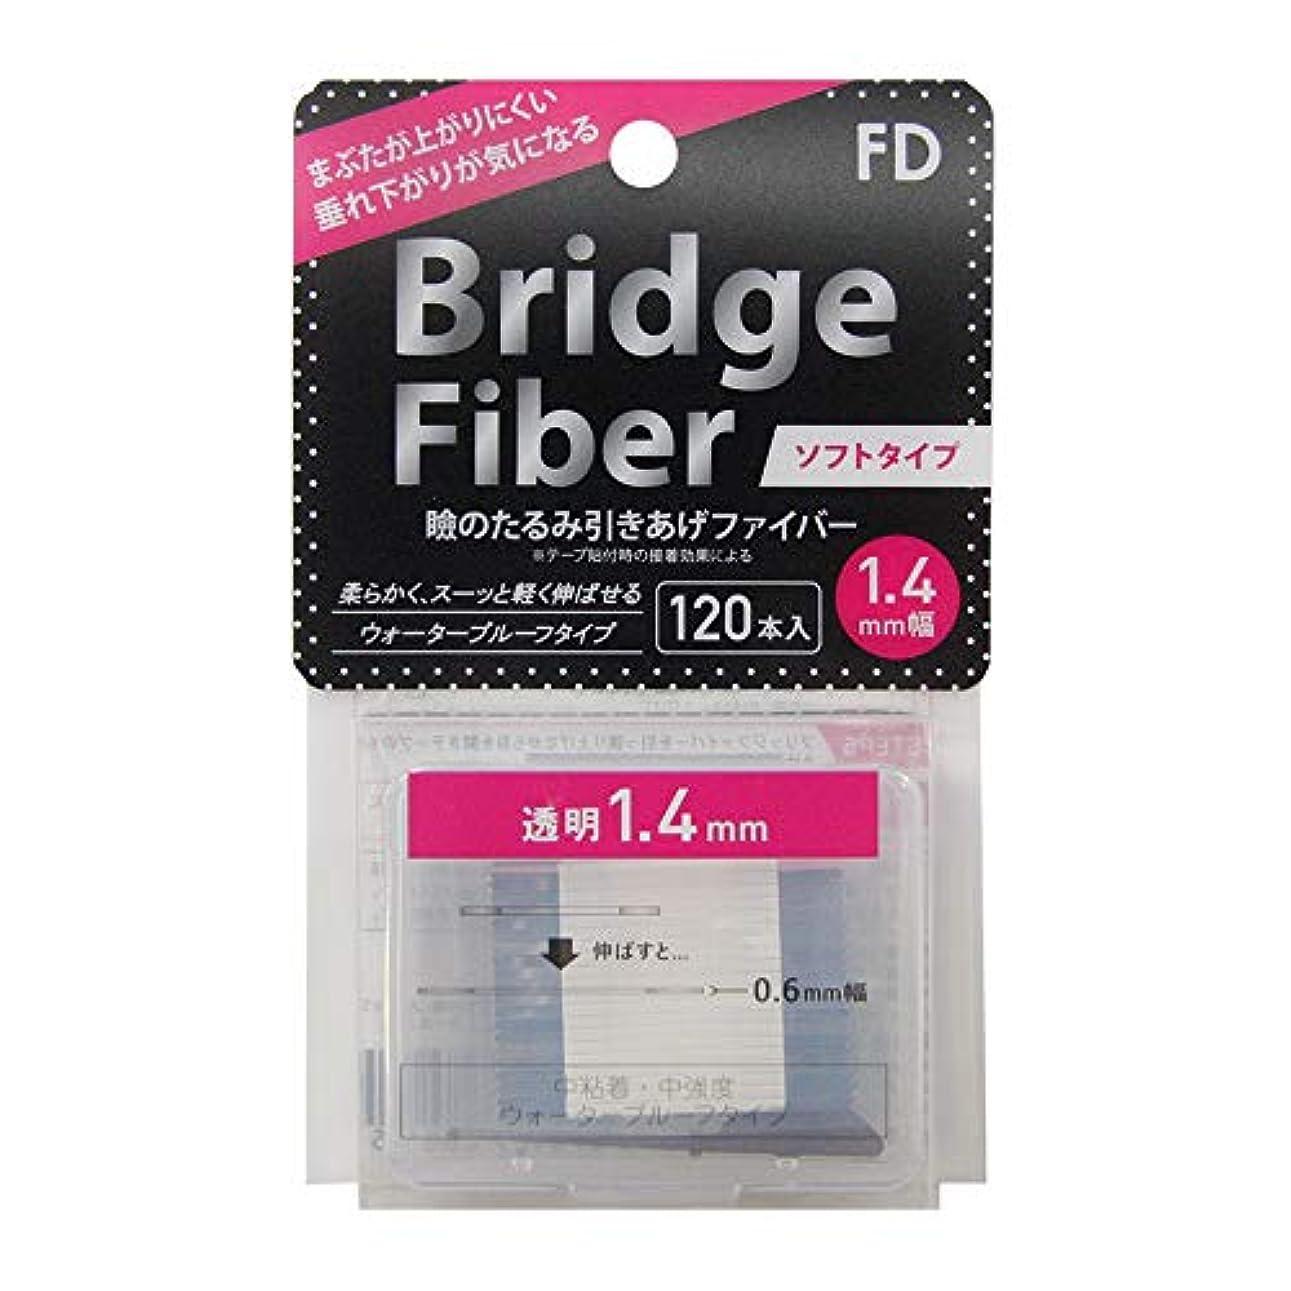 子豚時代遅れバンドFD ブリッジソフトファイバー 眼瞼下垂防止テープ ソフトタイプ 透明1.4mm幅 120本入り